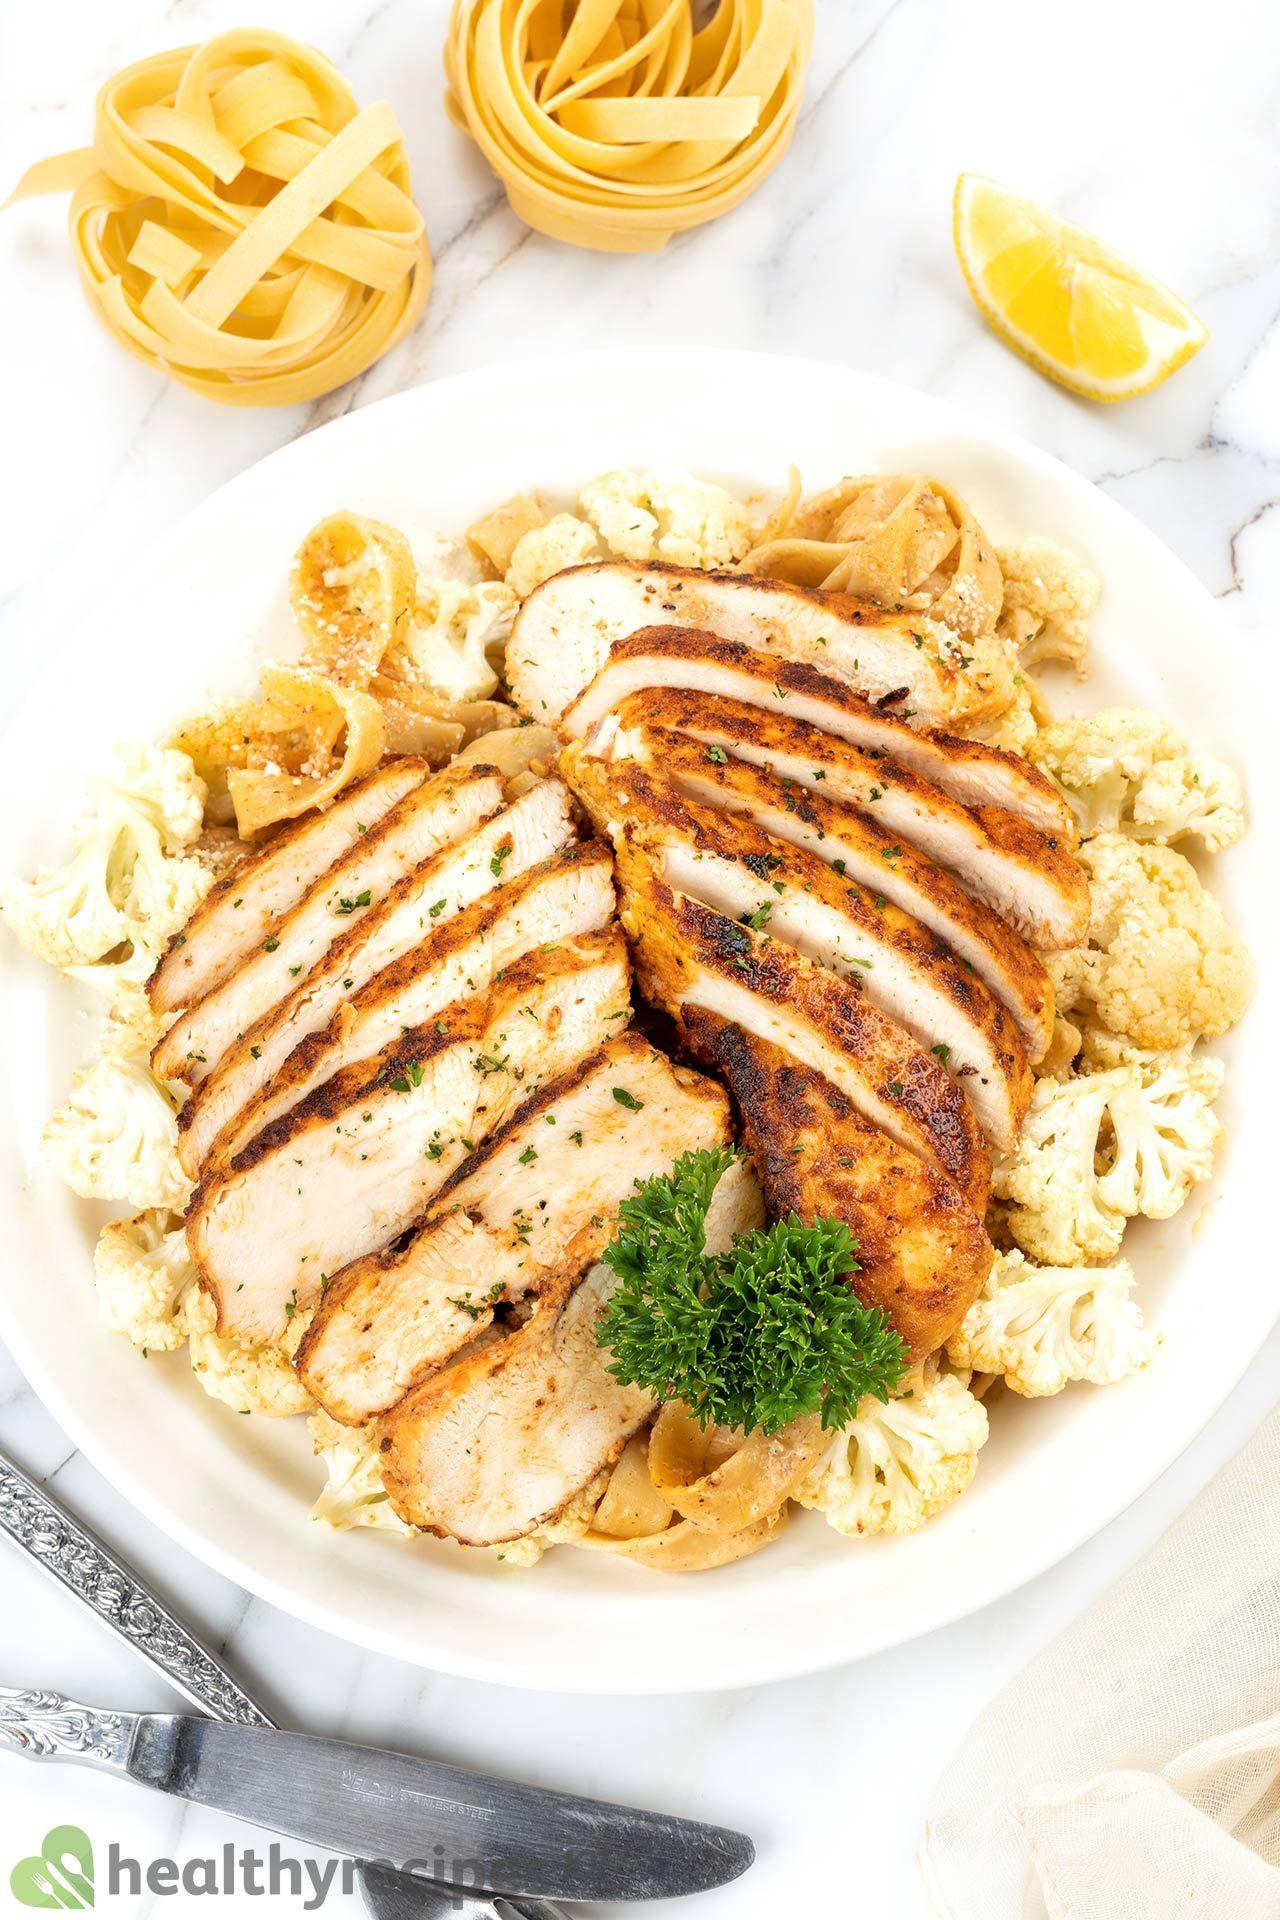 Homemade Chicken And Cauliflower Recipe